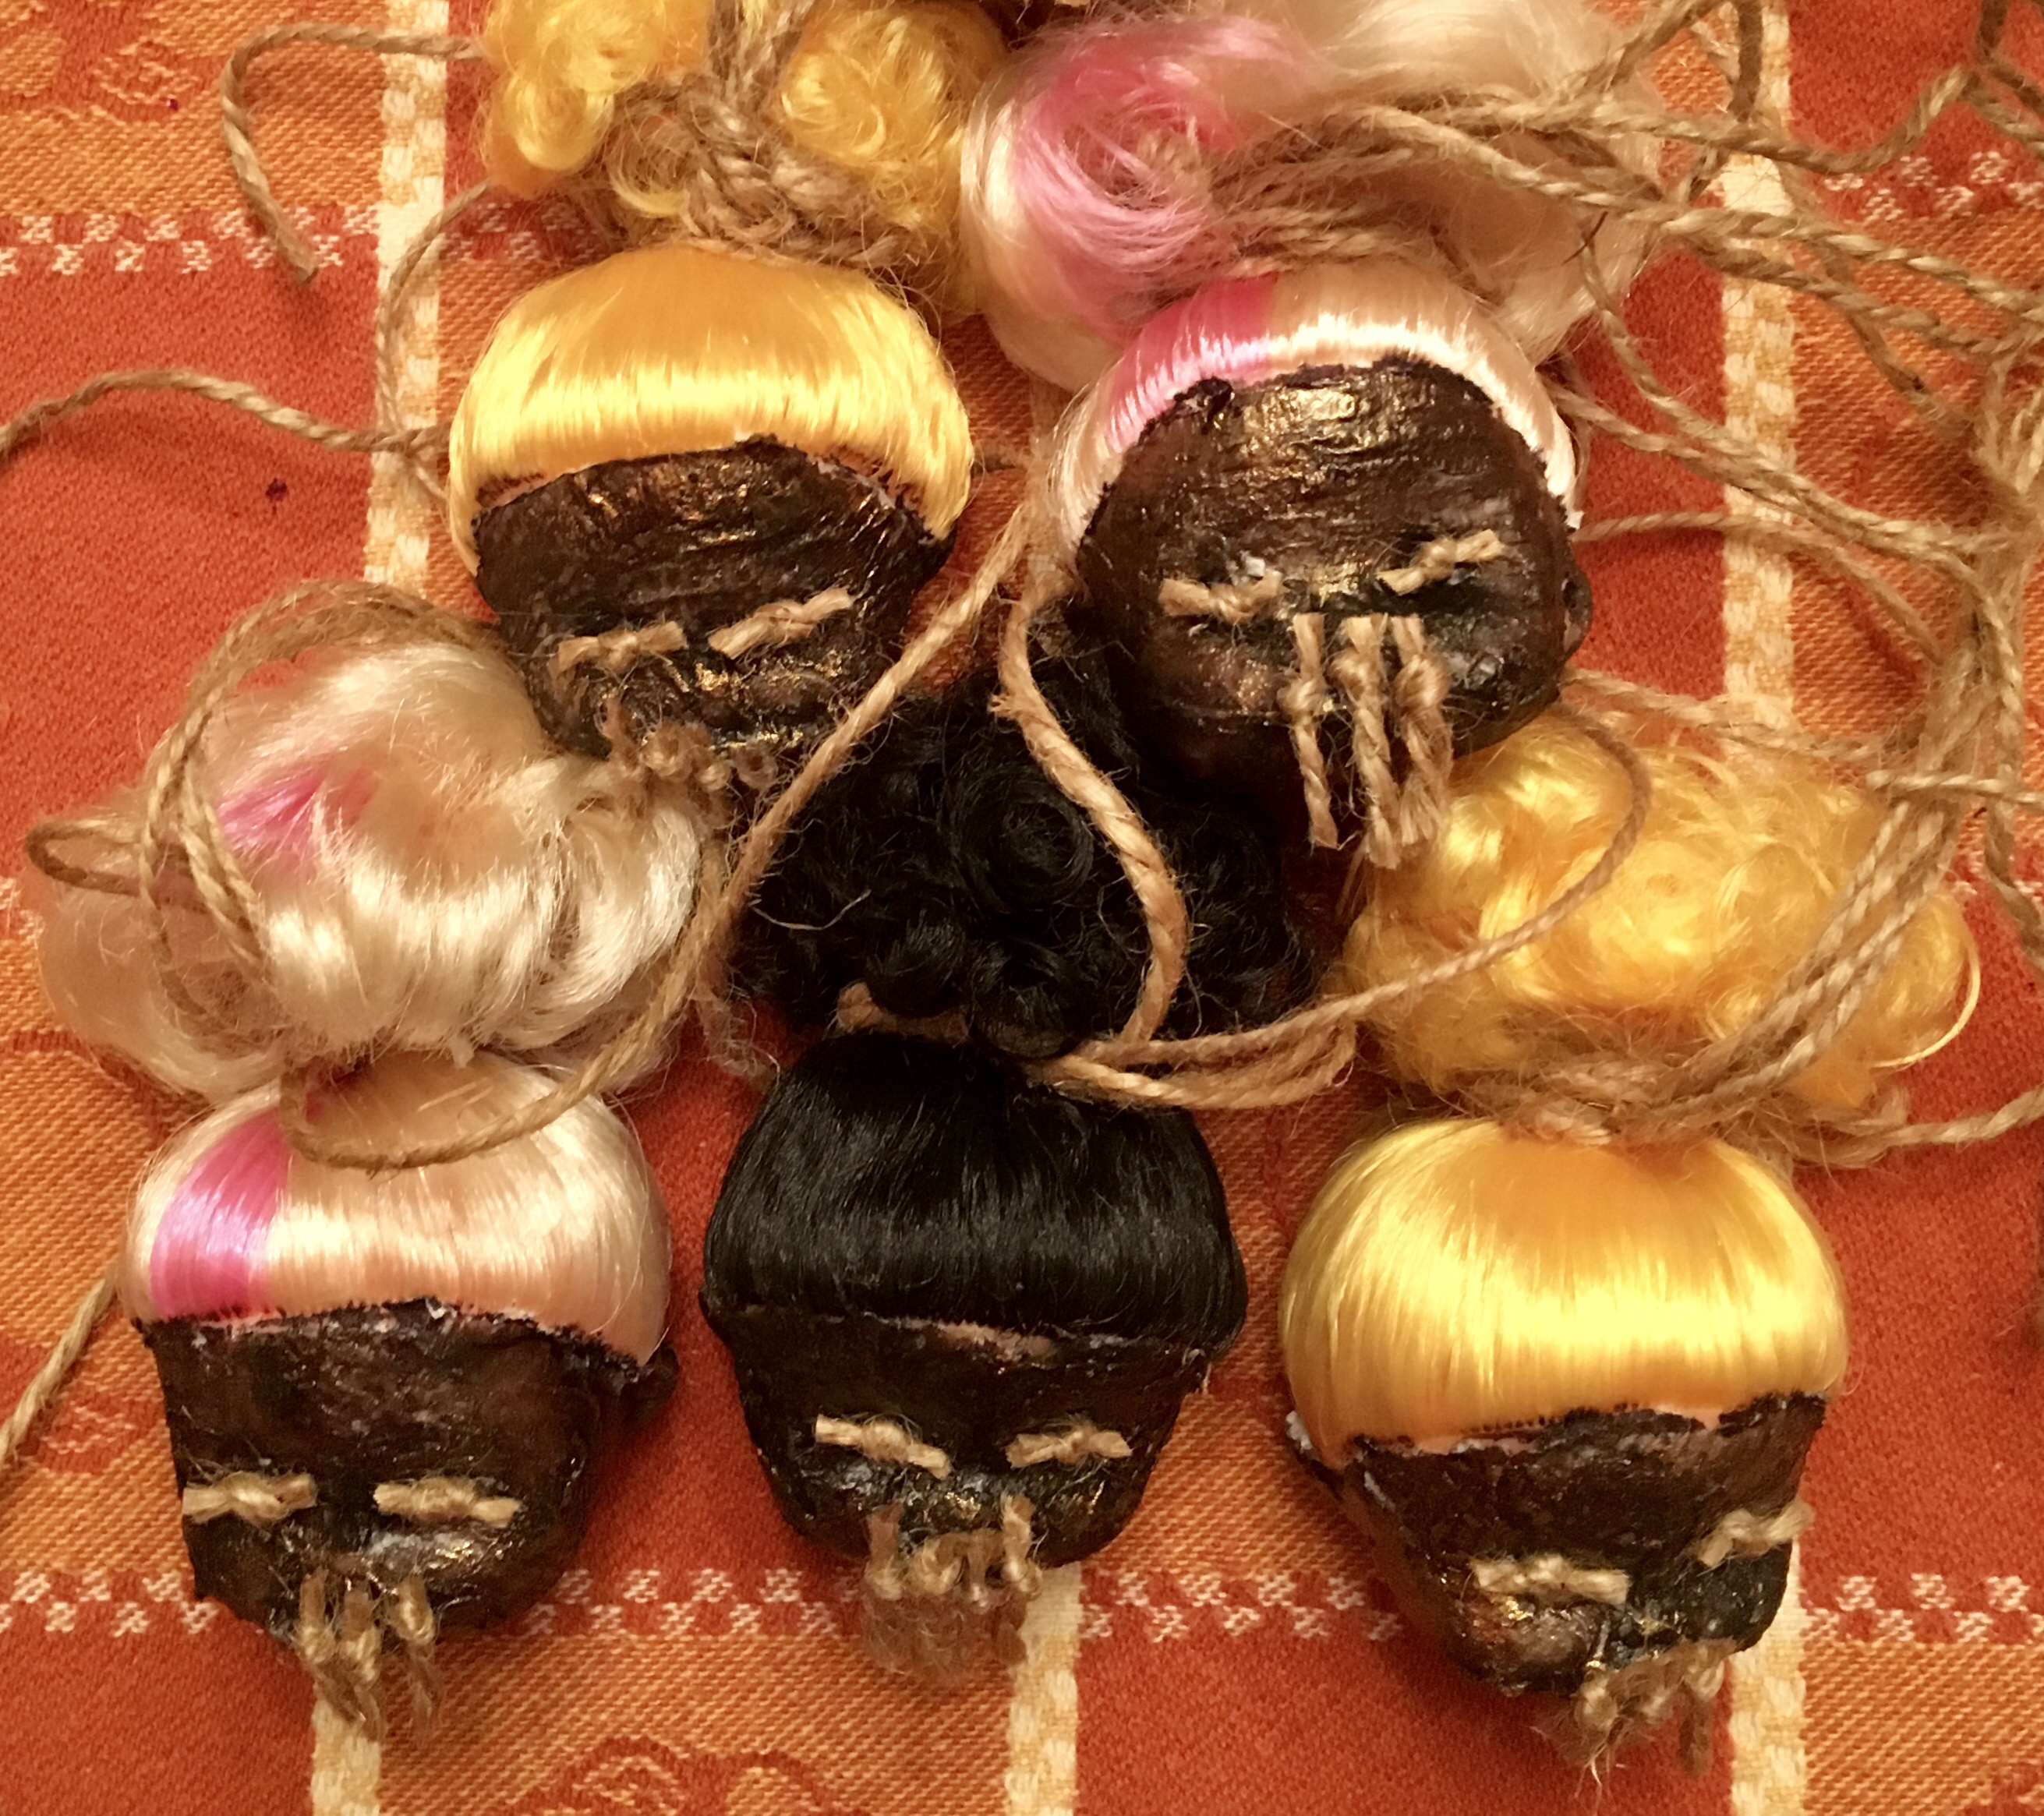 Shrunken Doll Heads